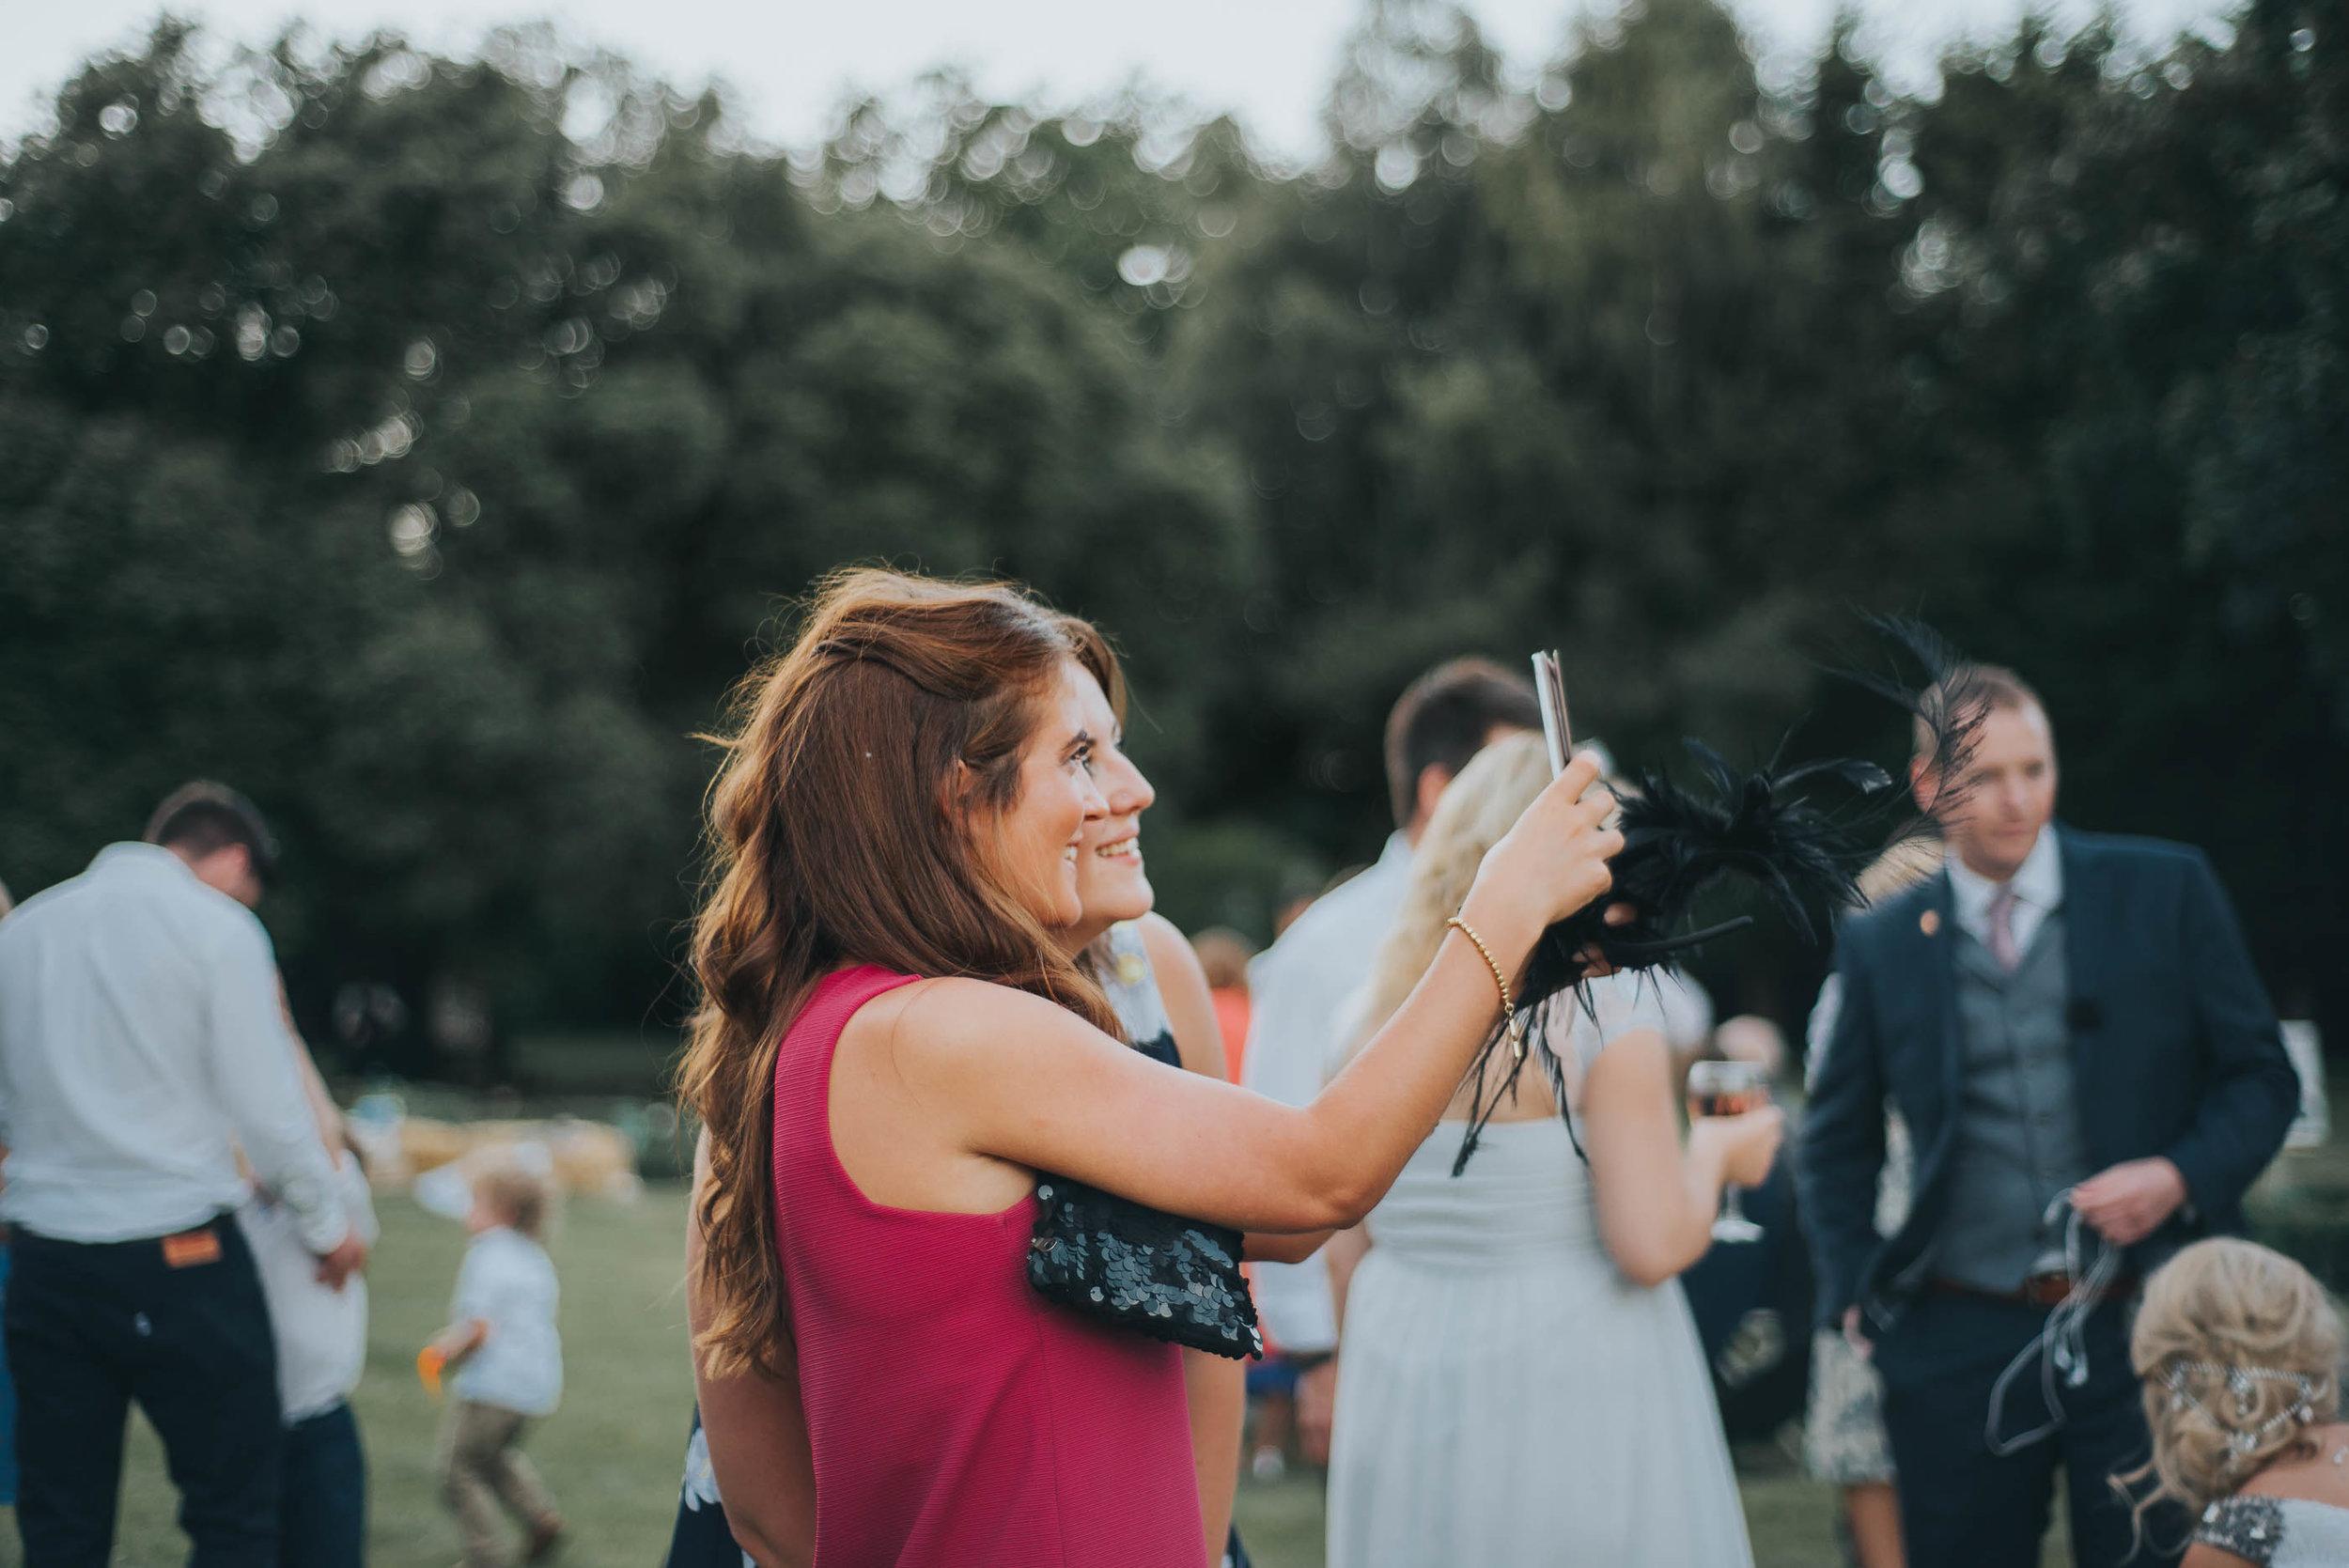 Creative Unique Wedding Photographer Essex Suffolk UK Wedding Photographer www.purplepeartreephotography.com (915).JPG